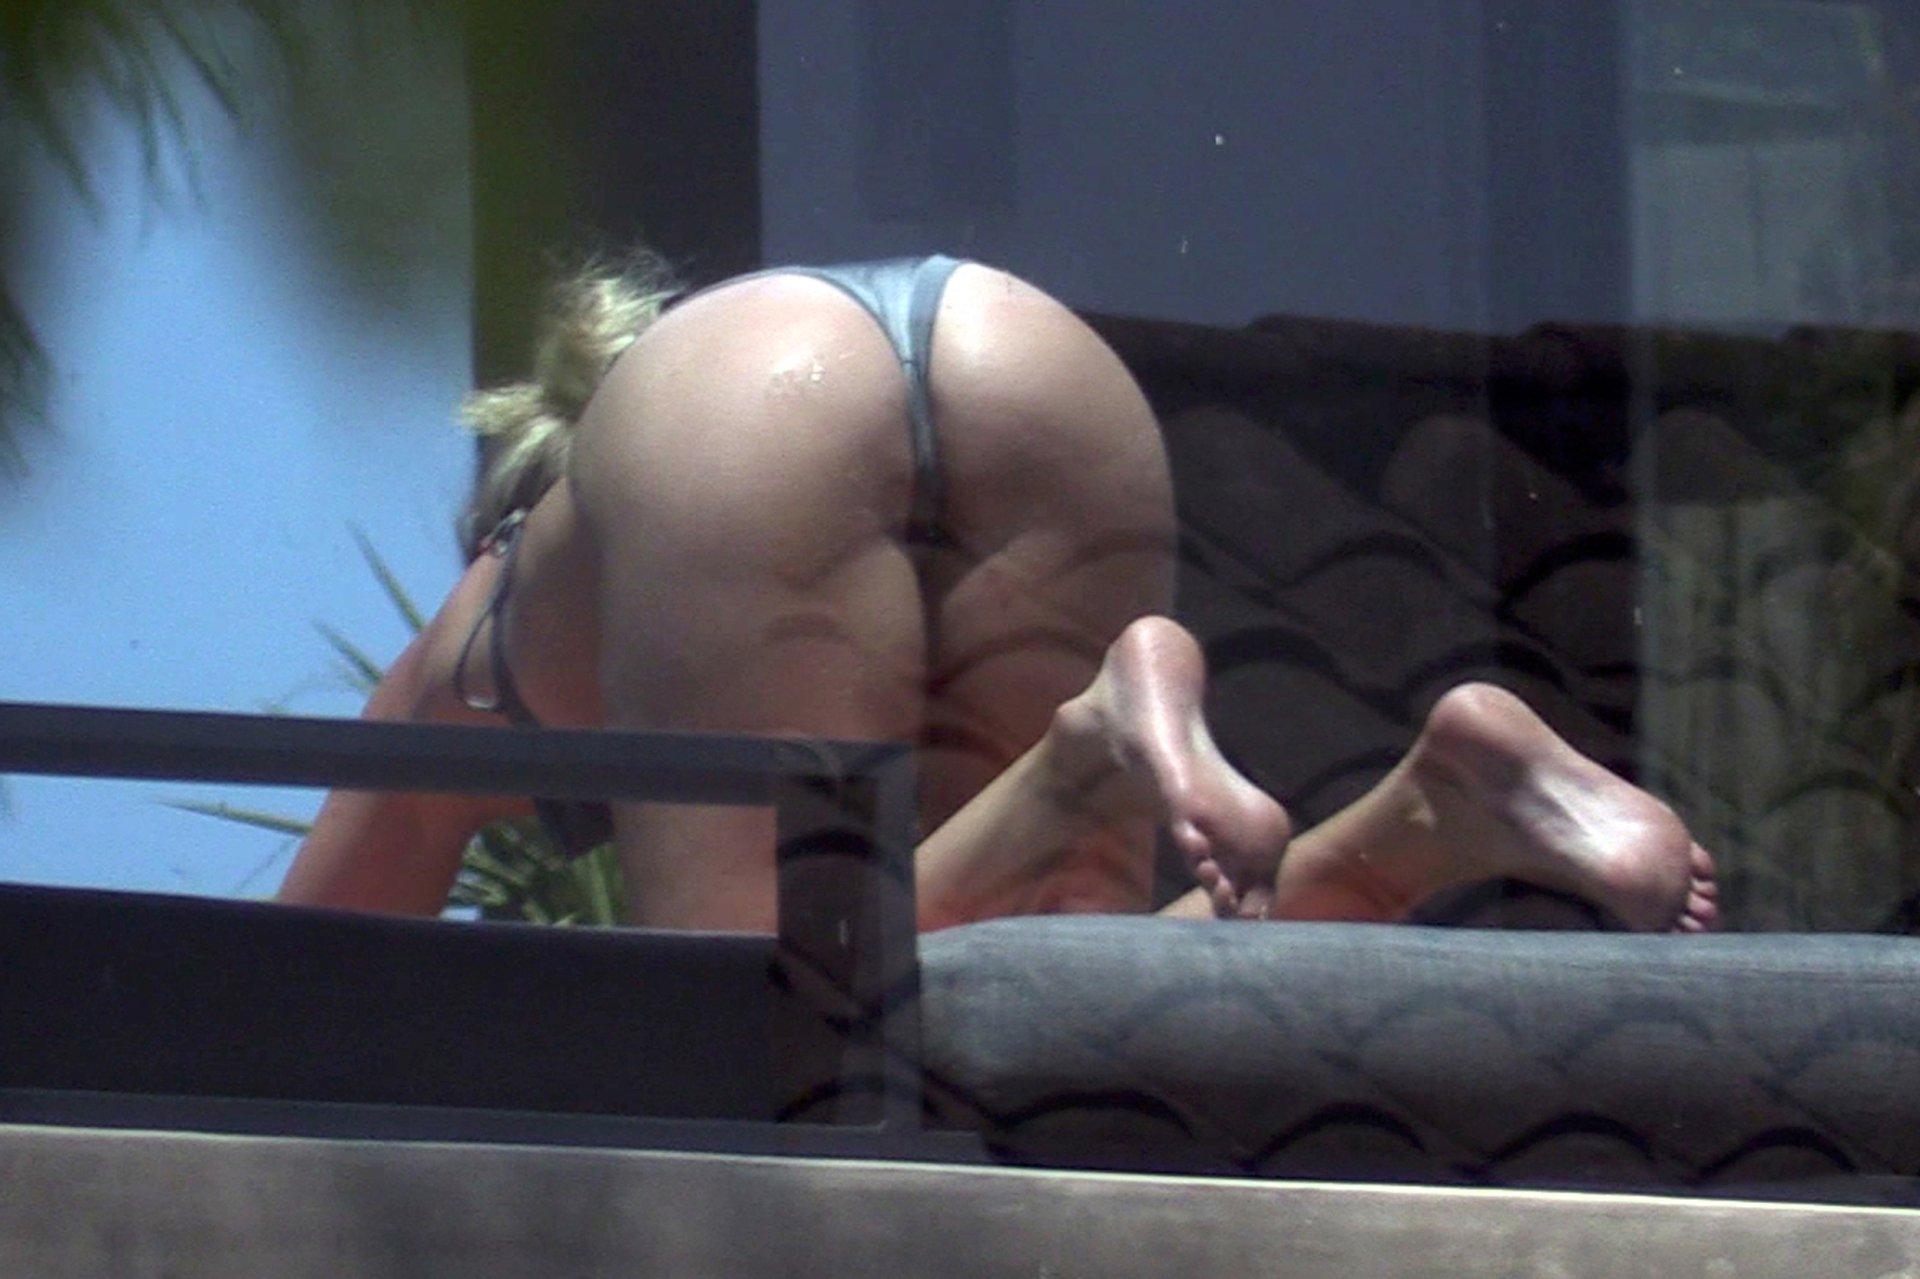 Porn lindsey vonn hot nude ass